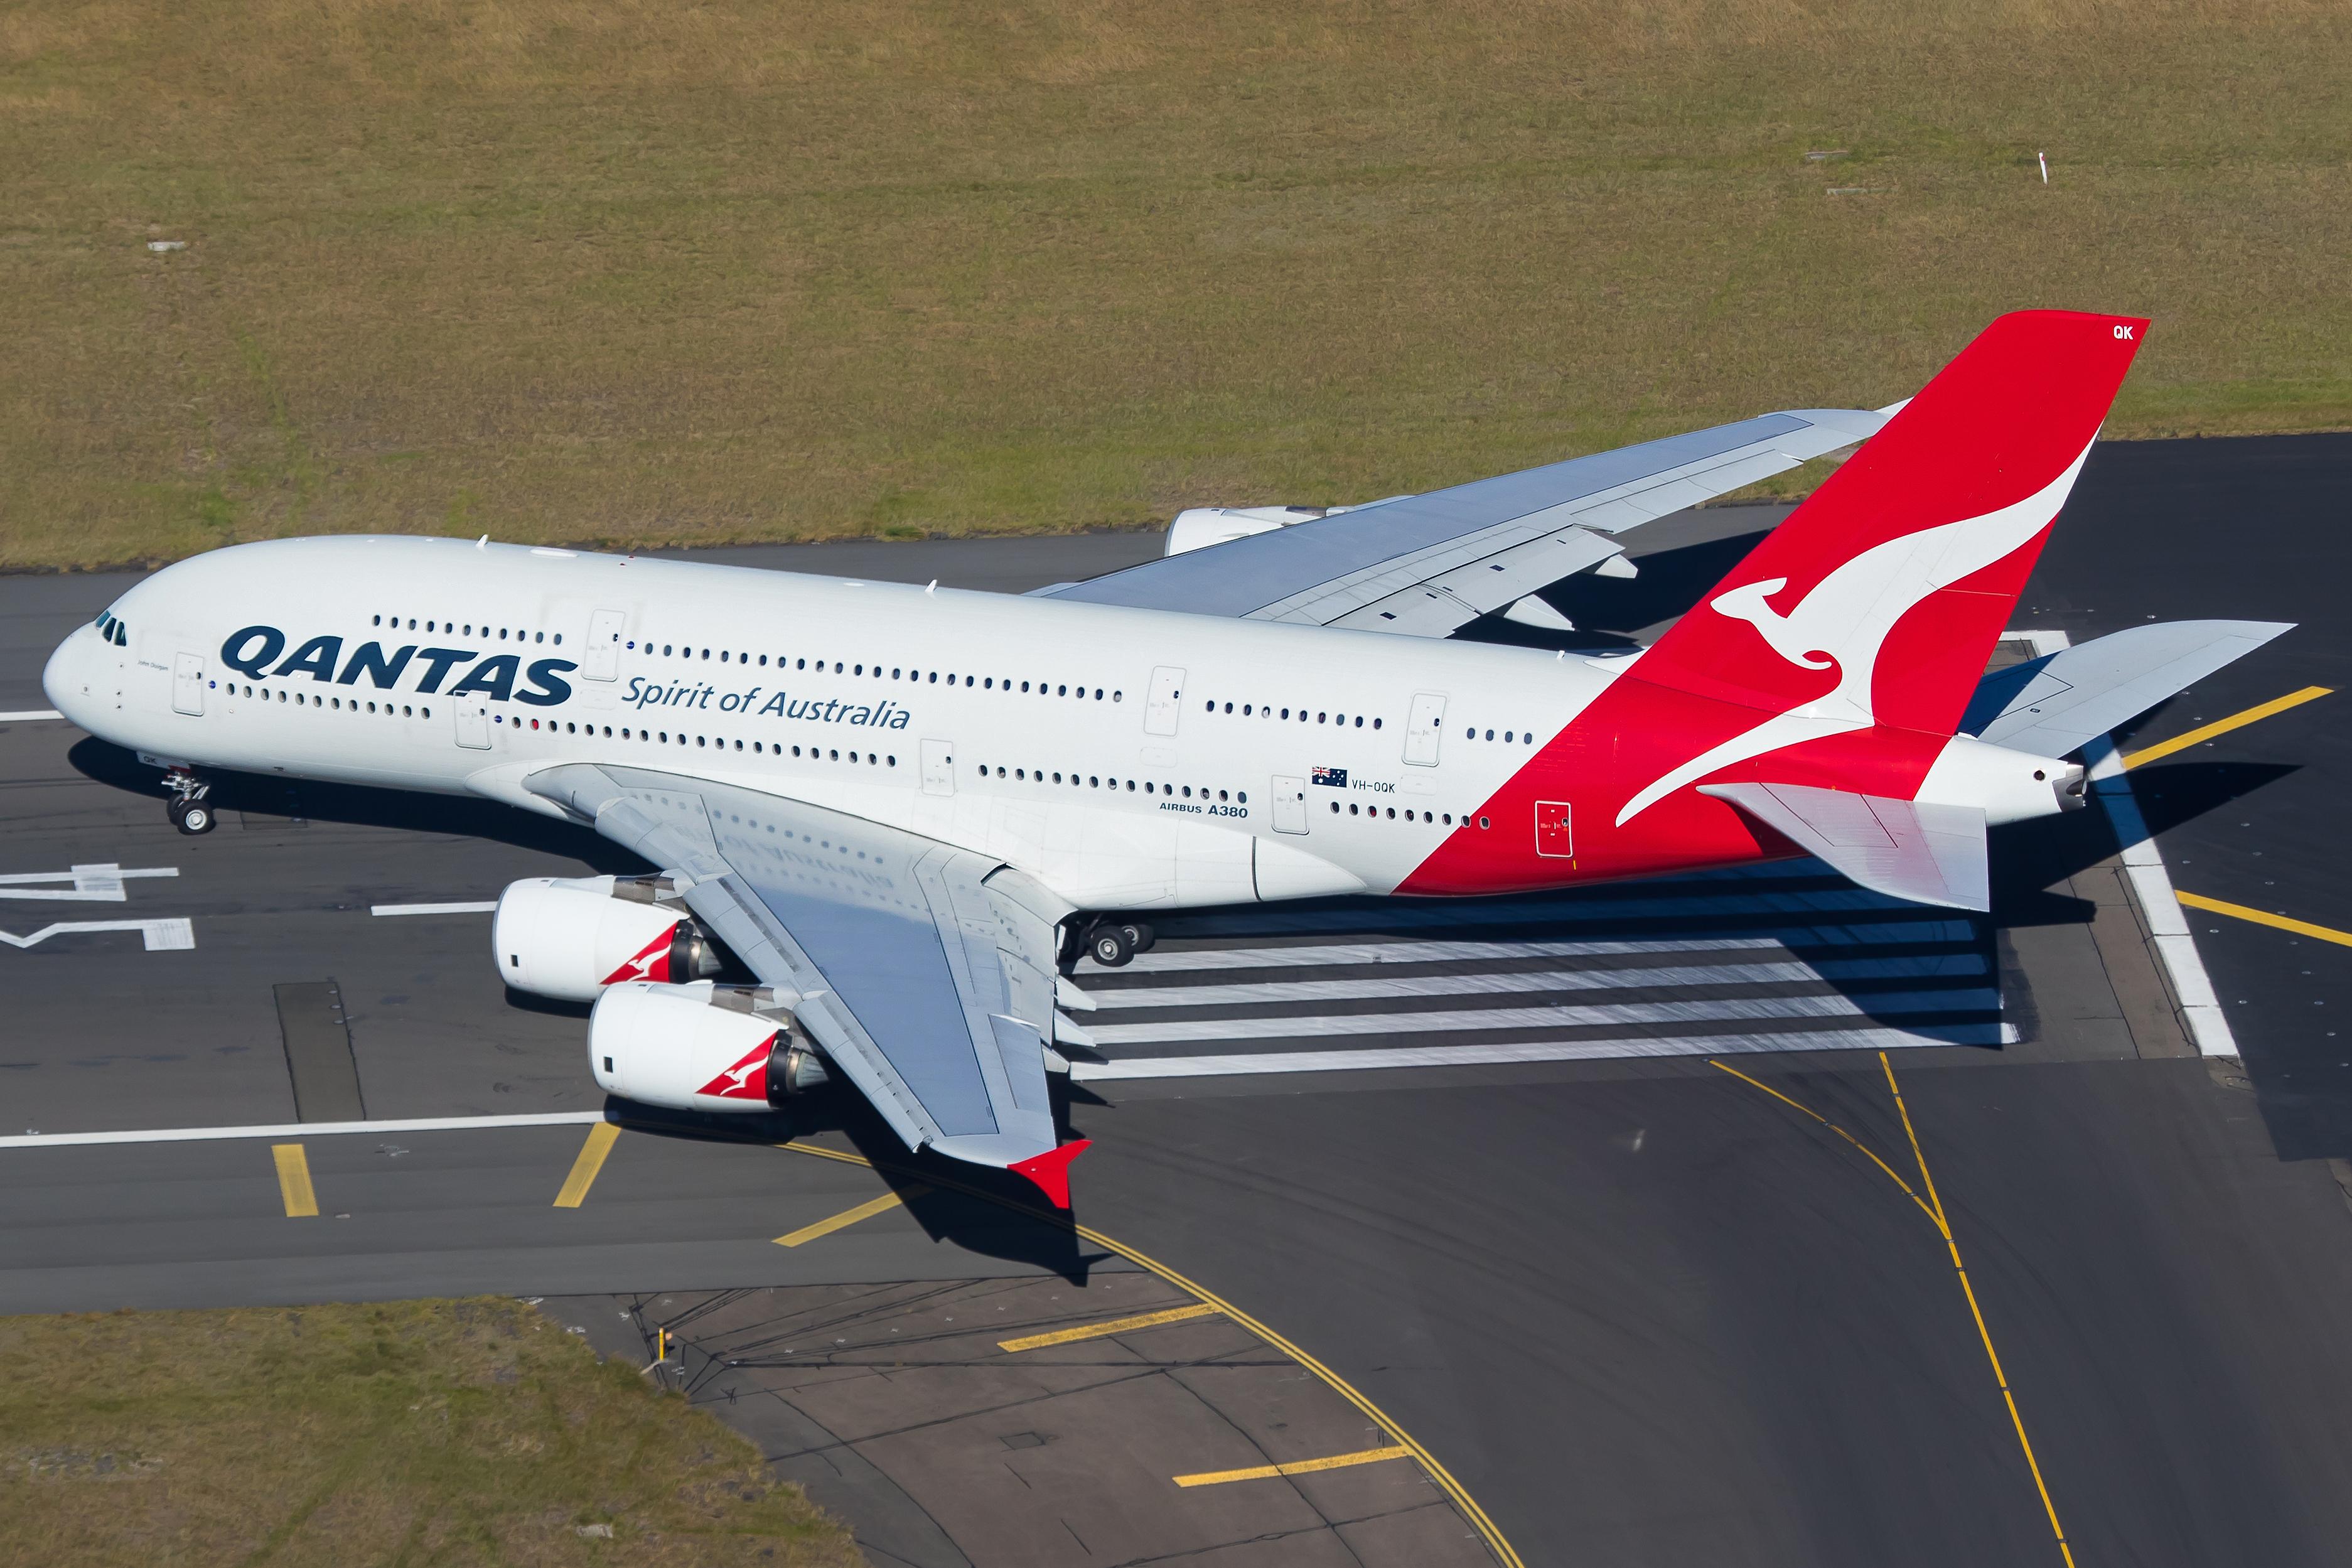 VH-OQK Qantas A380-800